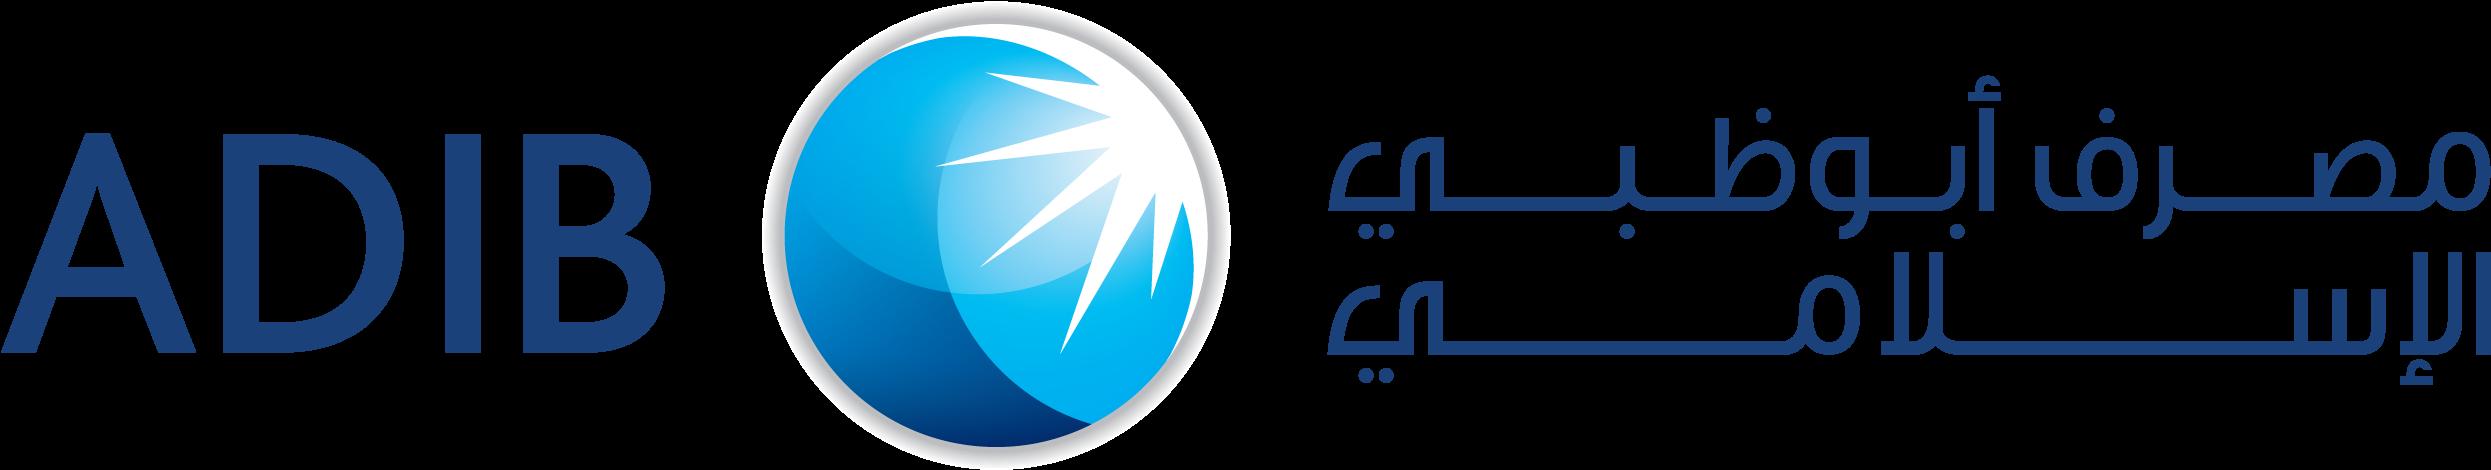 adib-logo